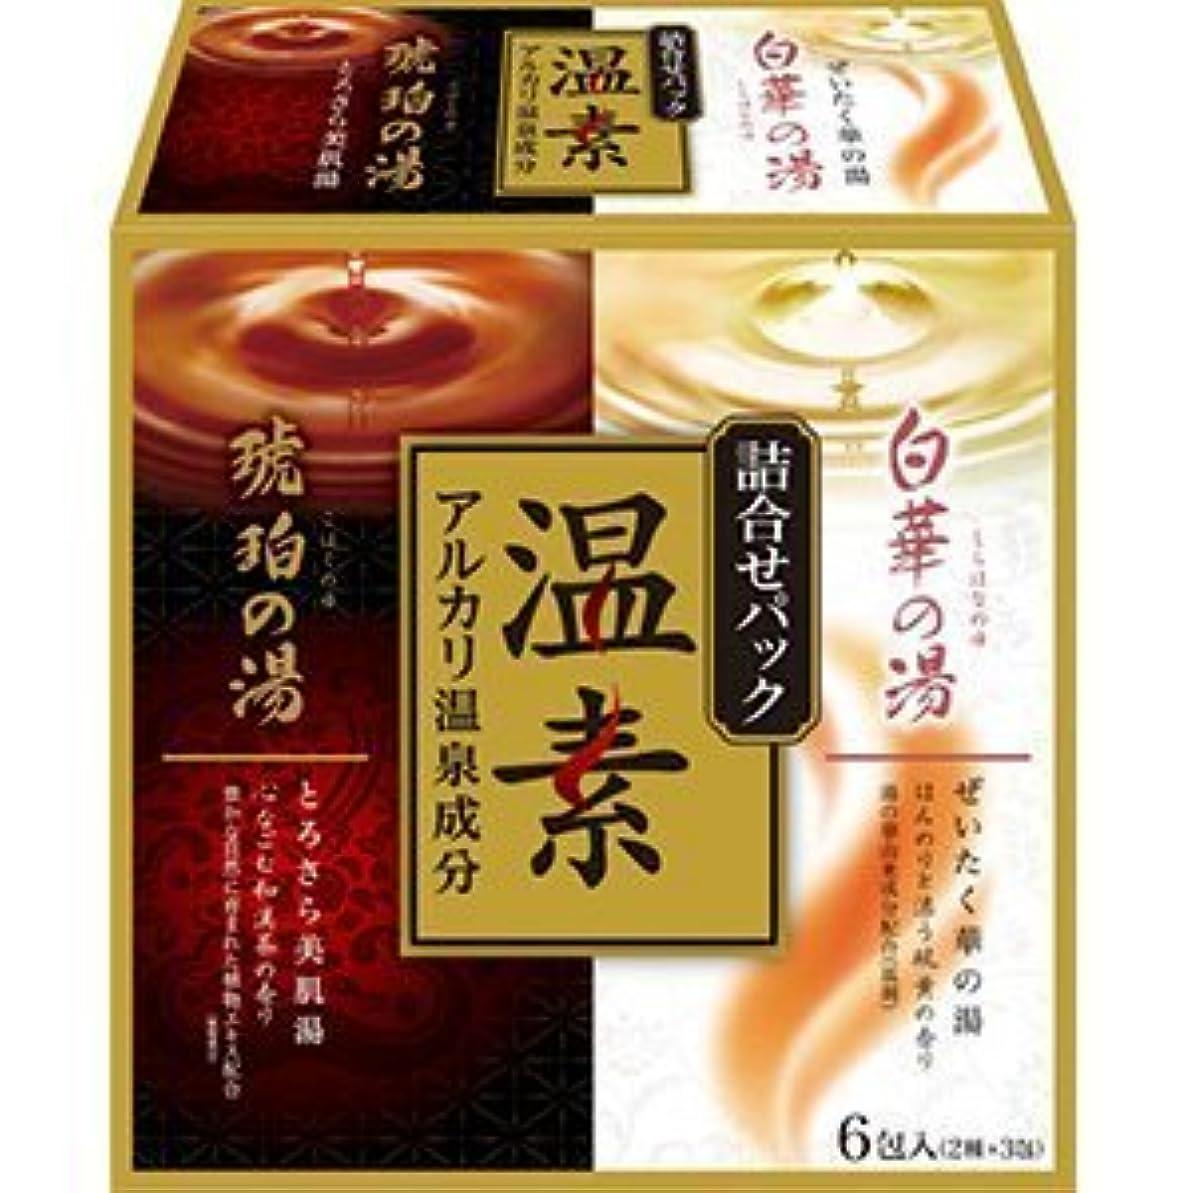 十年偽造取り壊す温素 琥珀の湯&白華の湯 詰合せパック × 3個セット